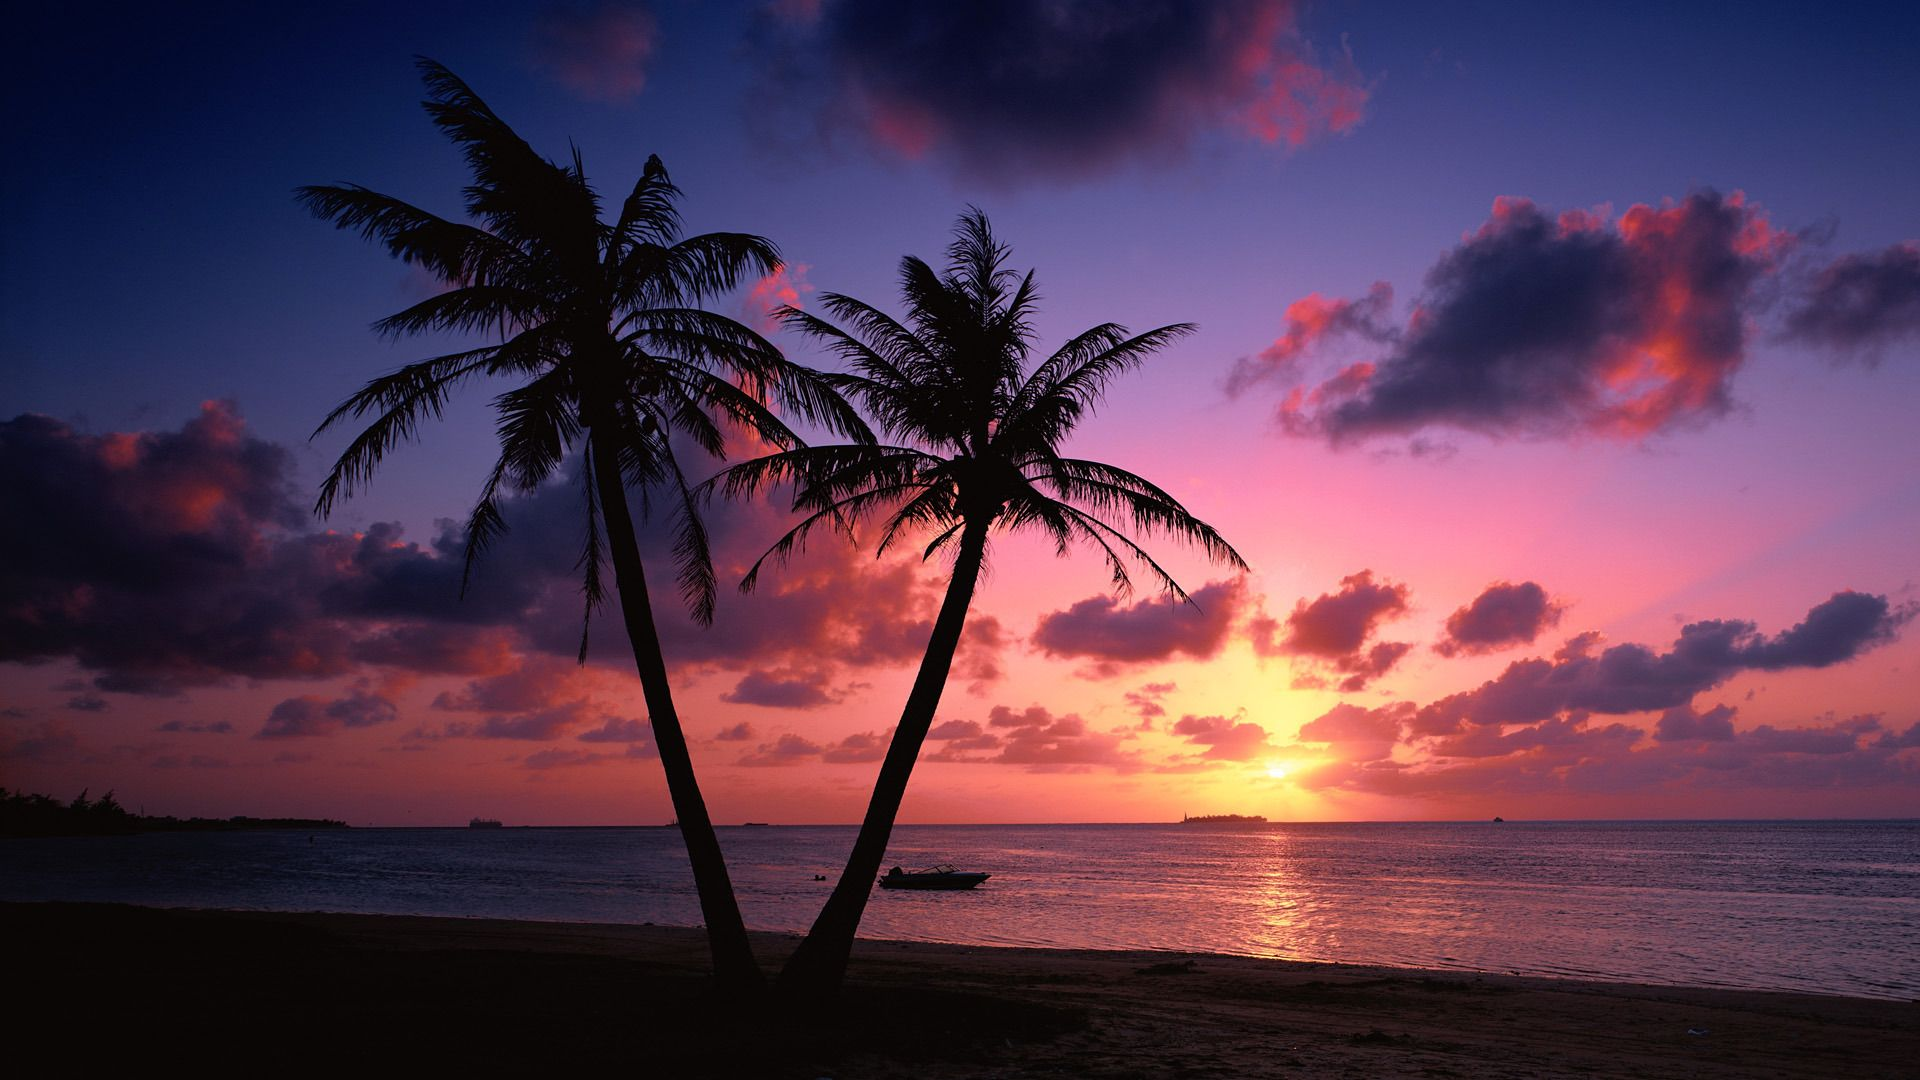 Sublime Coucher De Soleil Des Bahamas Fond D Ecran Palmier Paysage Colore Images Paysages